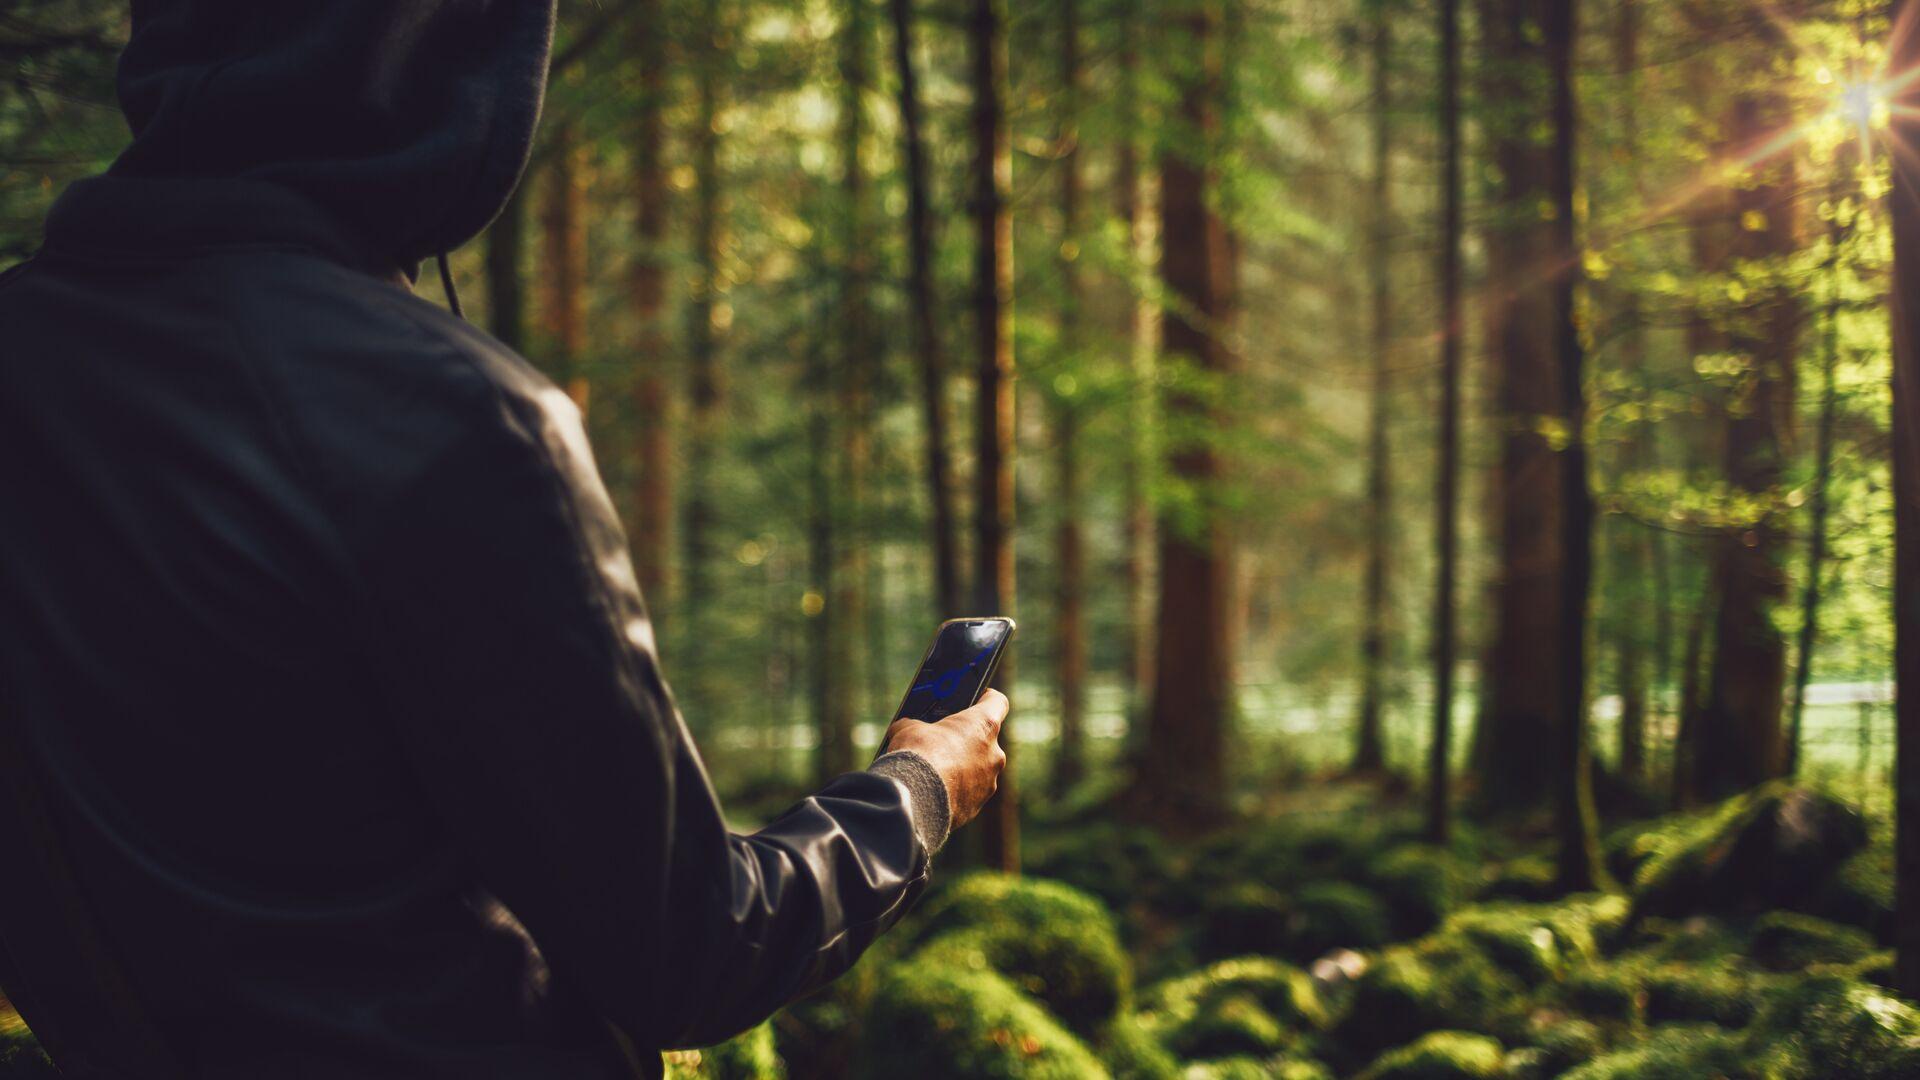 Молодой человек в лесу с телефоном - РИА Новости, 1920, 10.09.2021